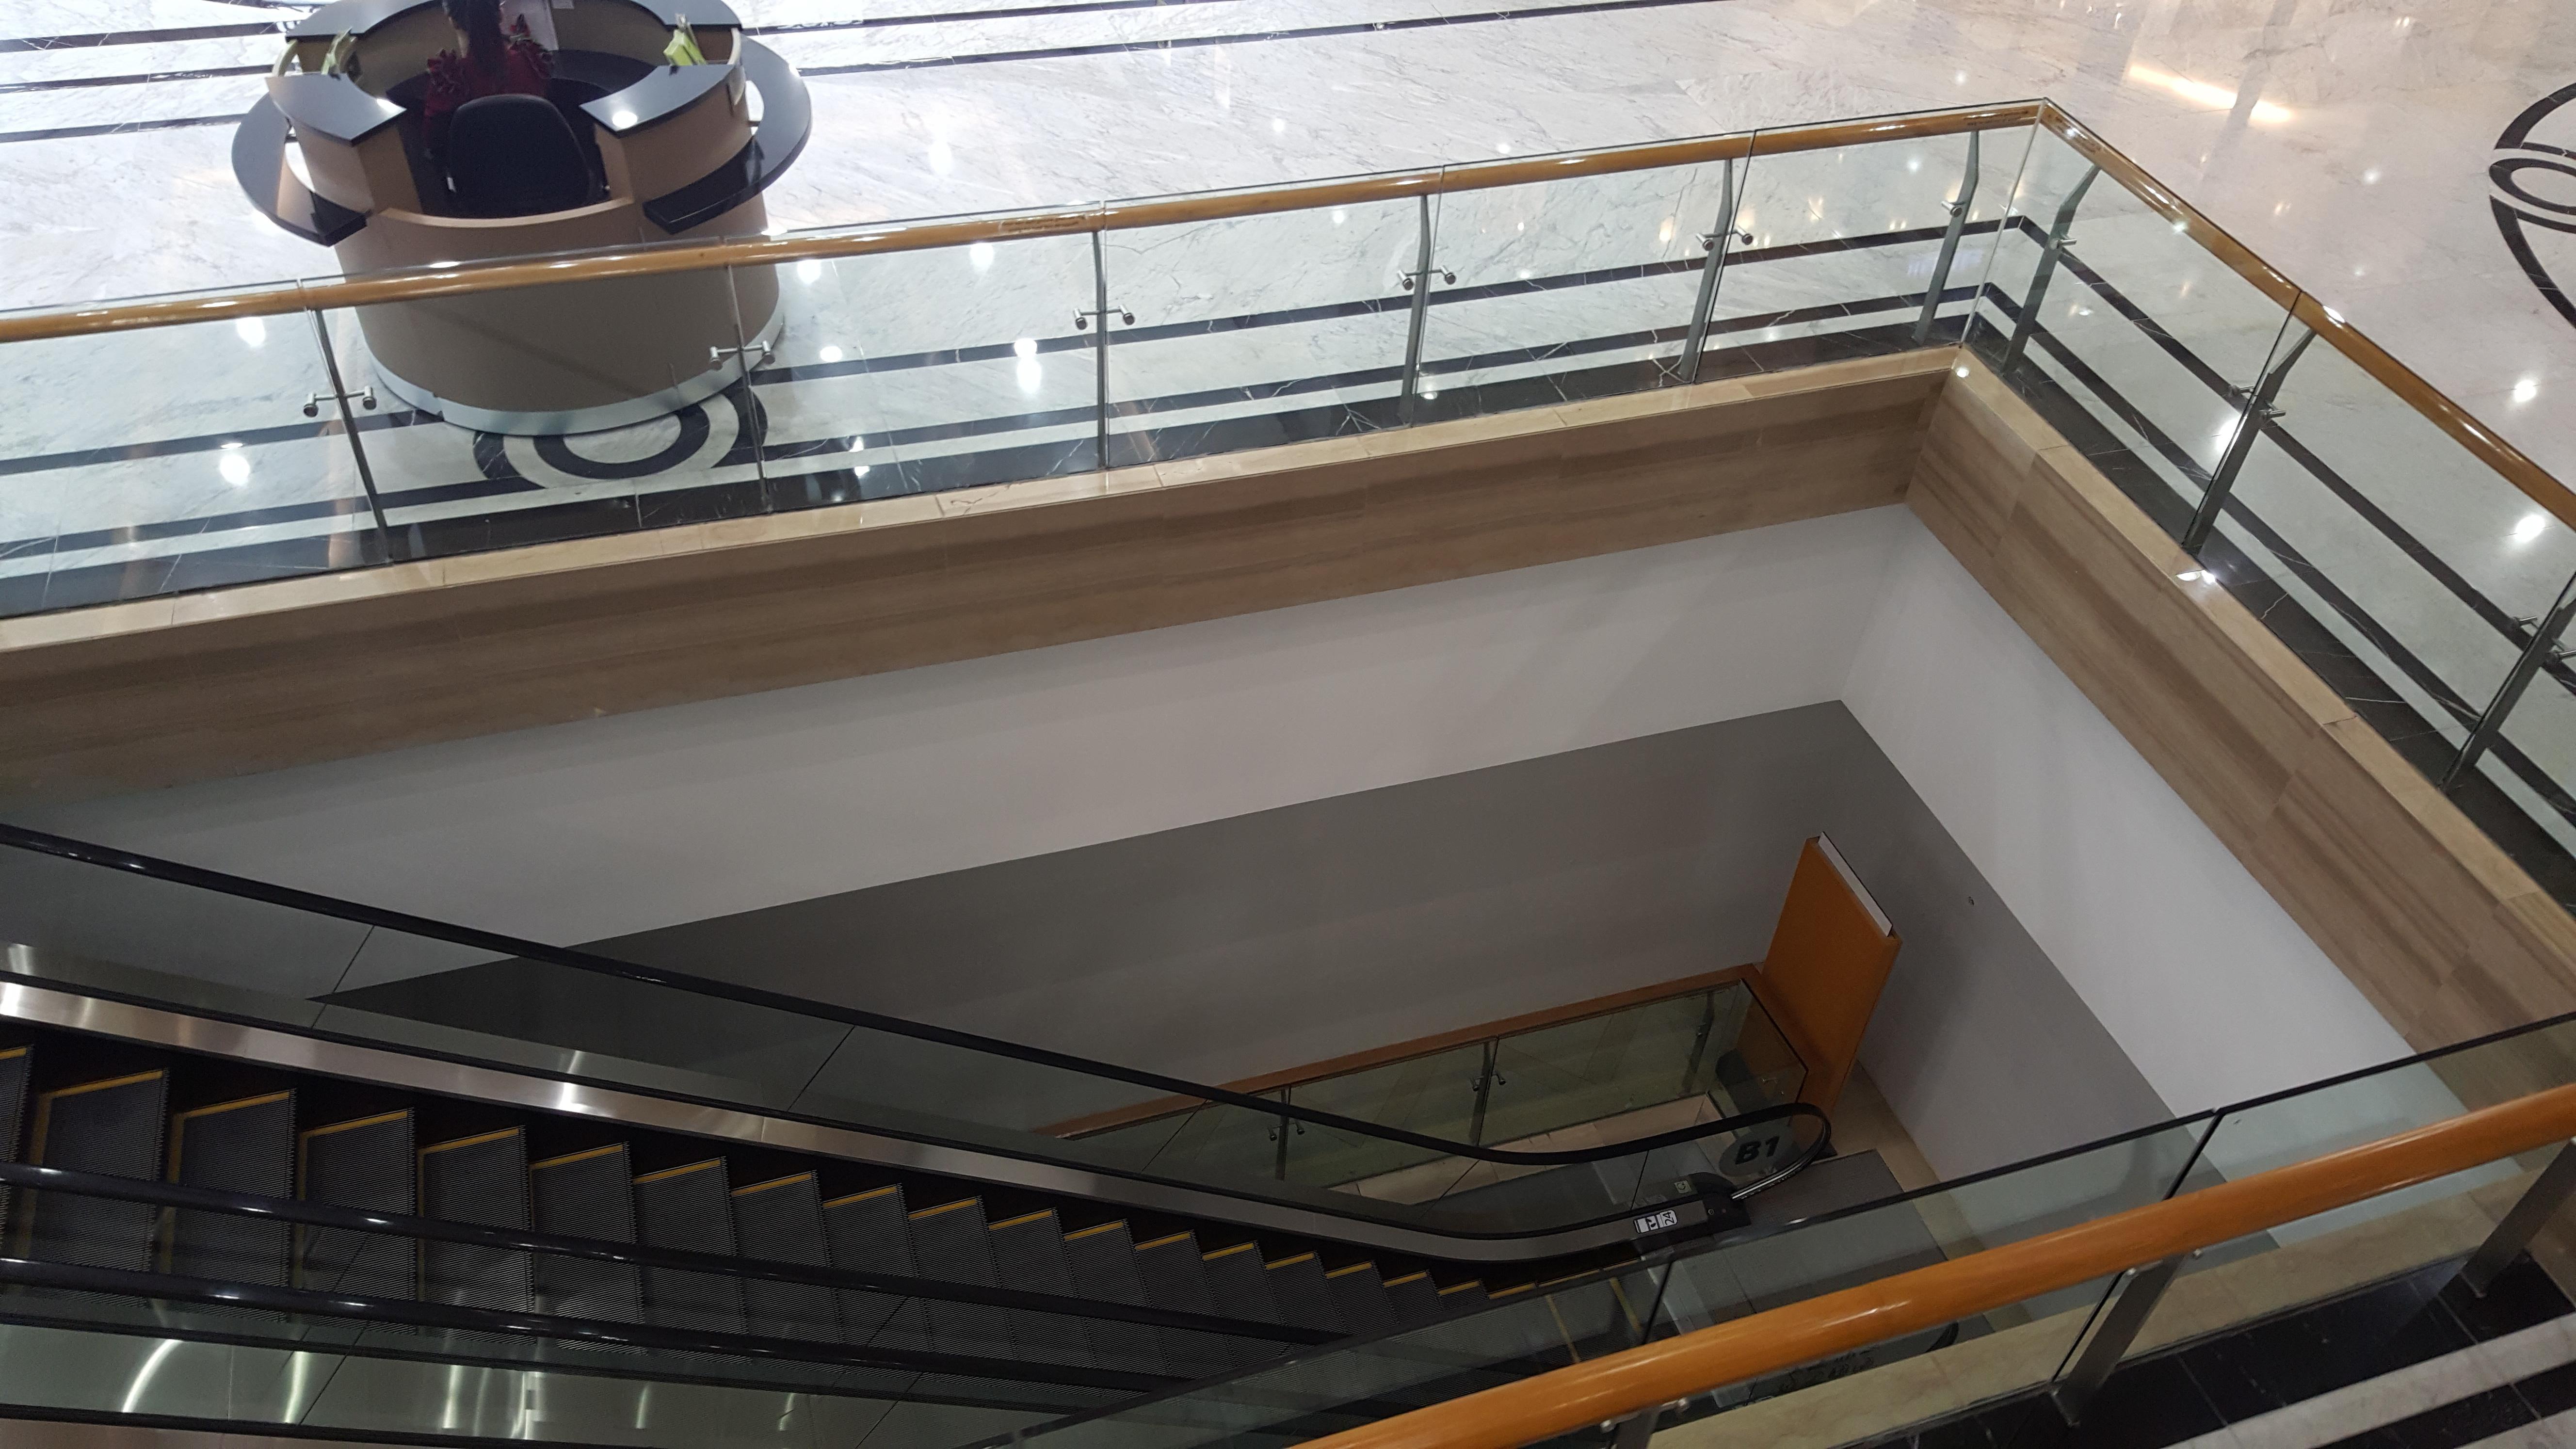 Toàn bộ phần ngầm của tòa nhà đã ngưng hoạt động từ gần 2 năm nay để nâng cấp sửa chữa thành khách sạn